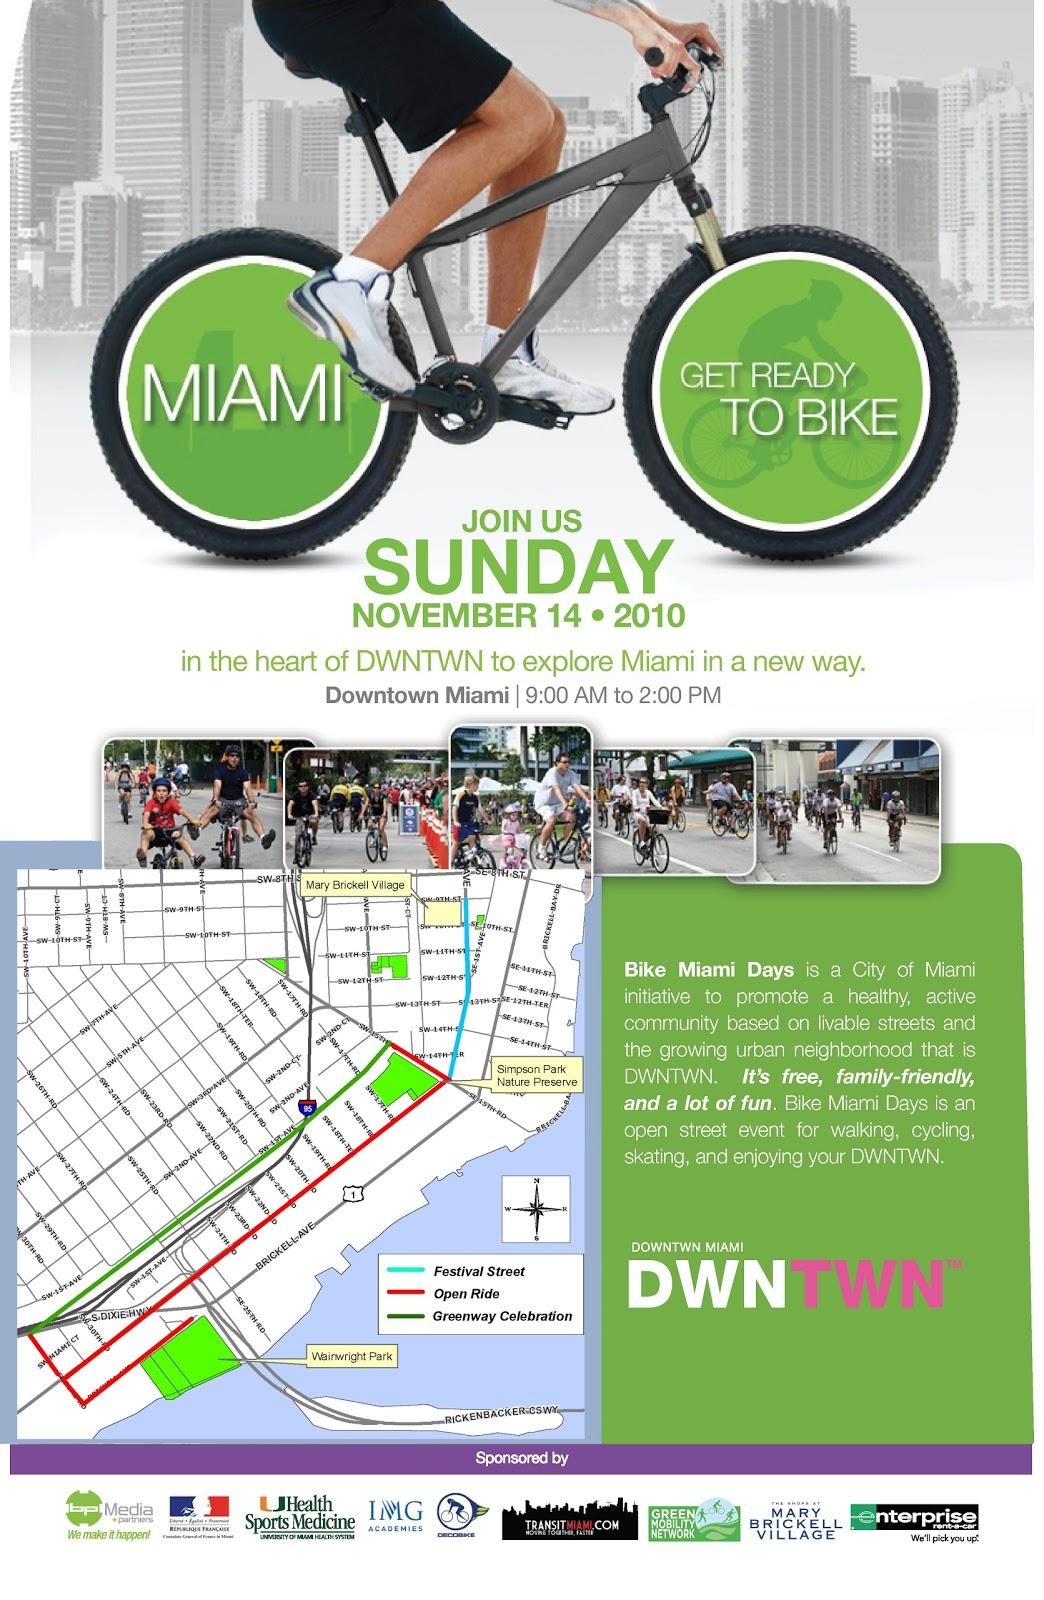 Bike Miami Days Bike Miami Days Returns to